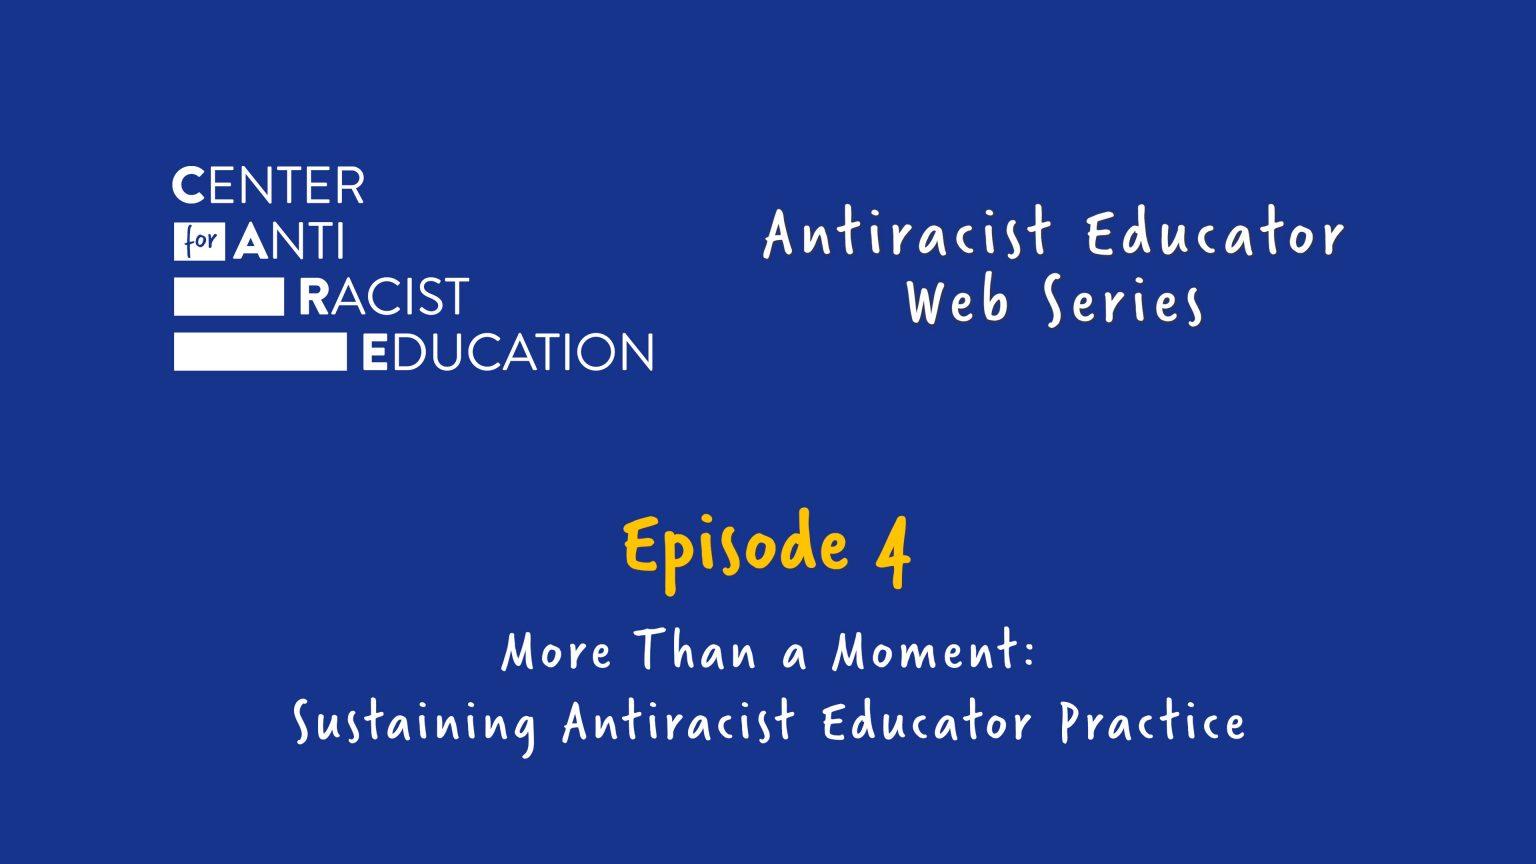 Sustaining Antiracist Educator Practice